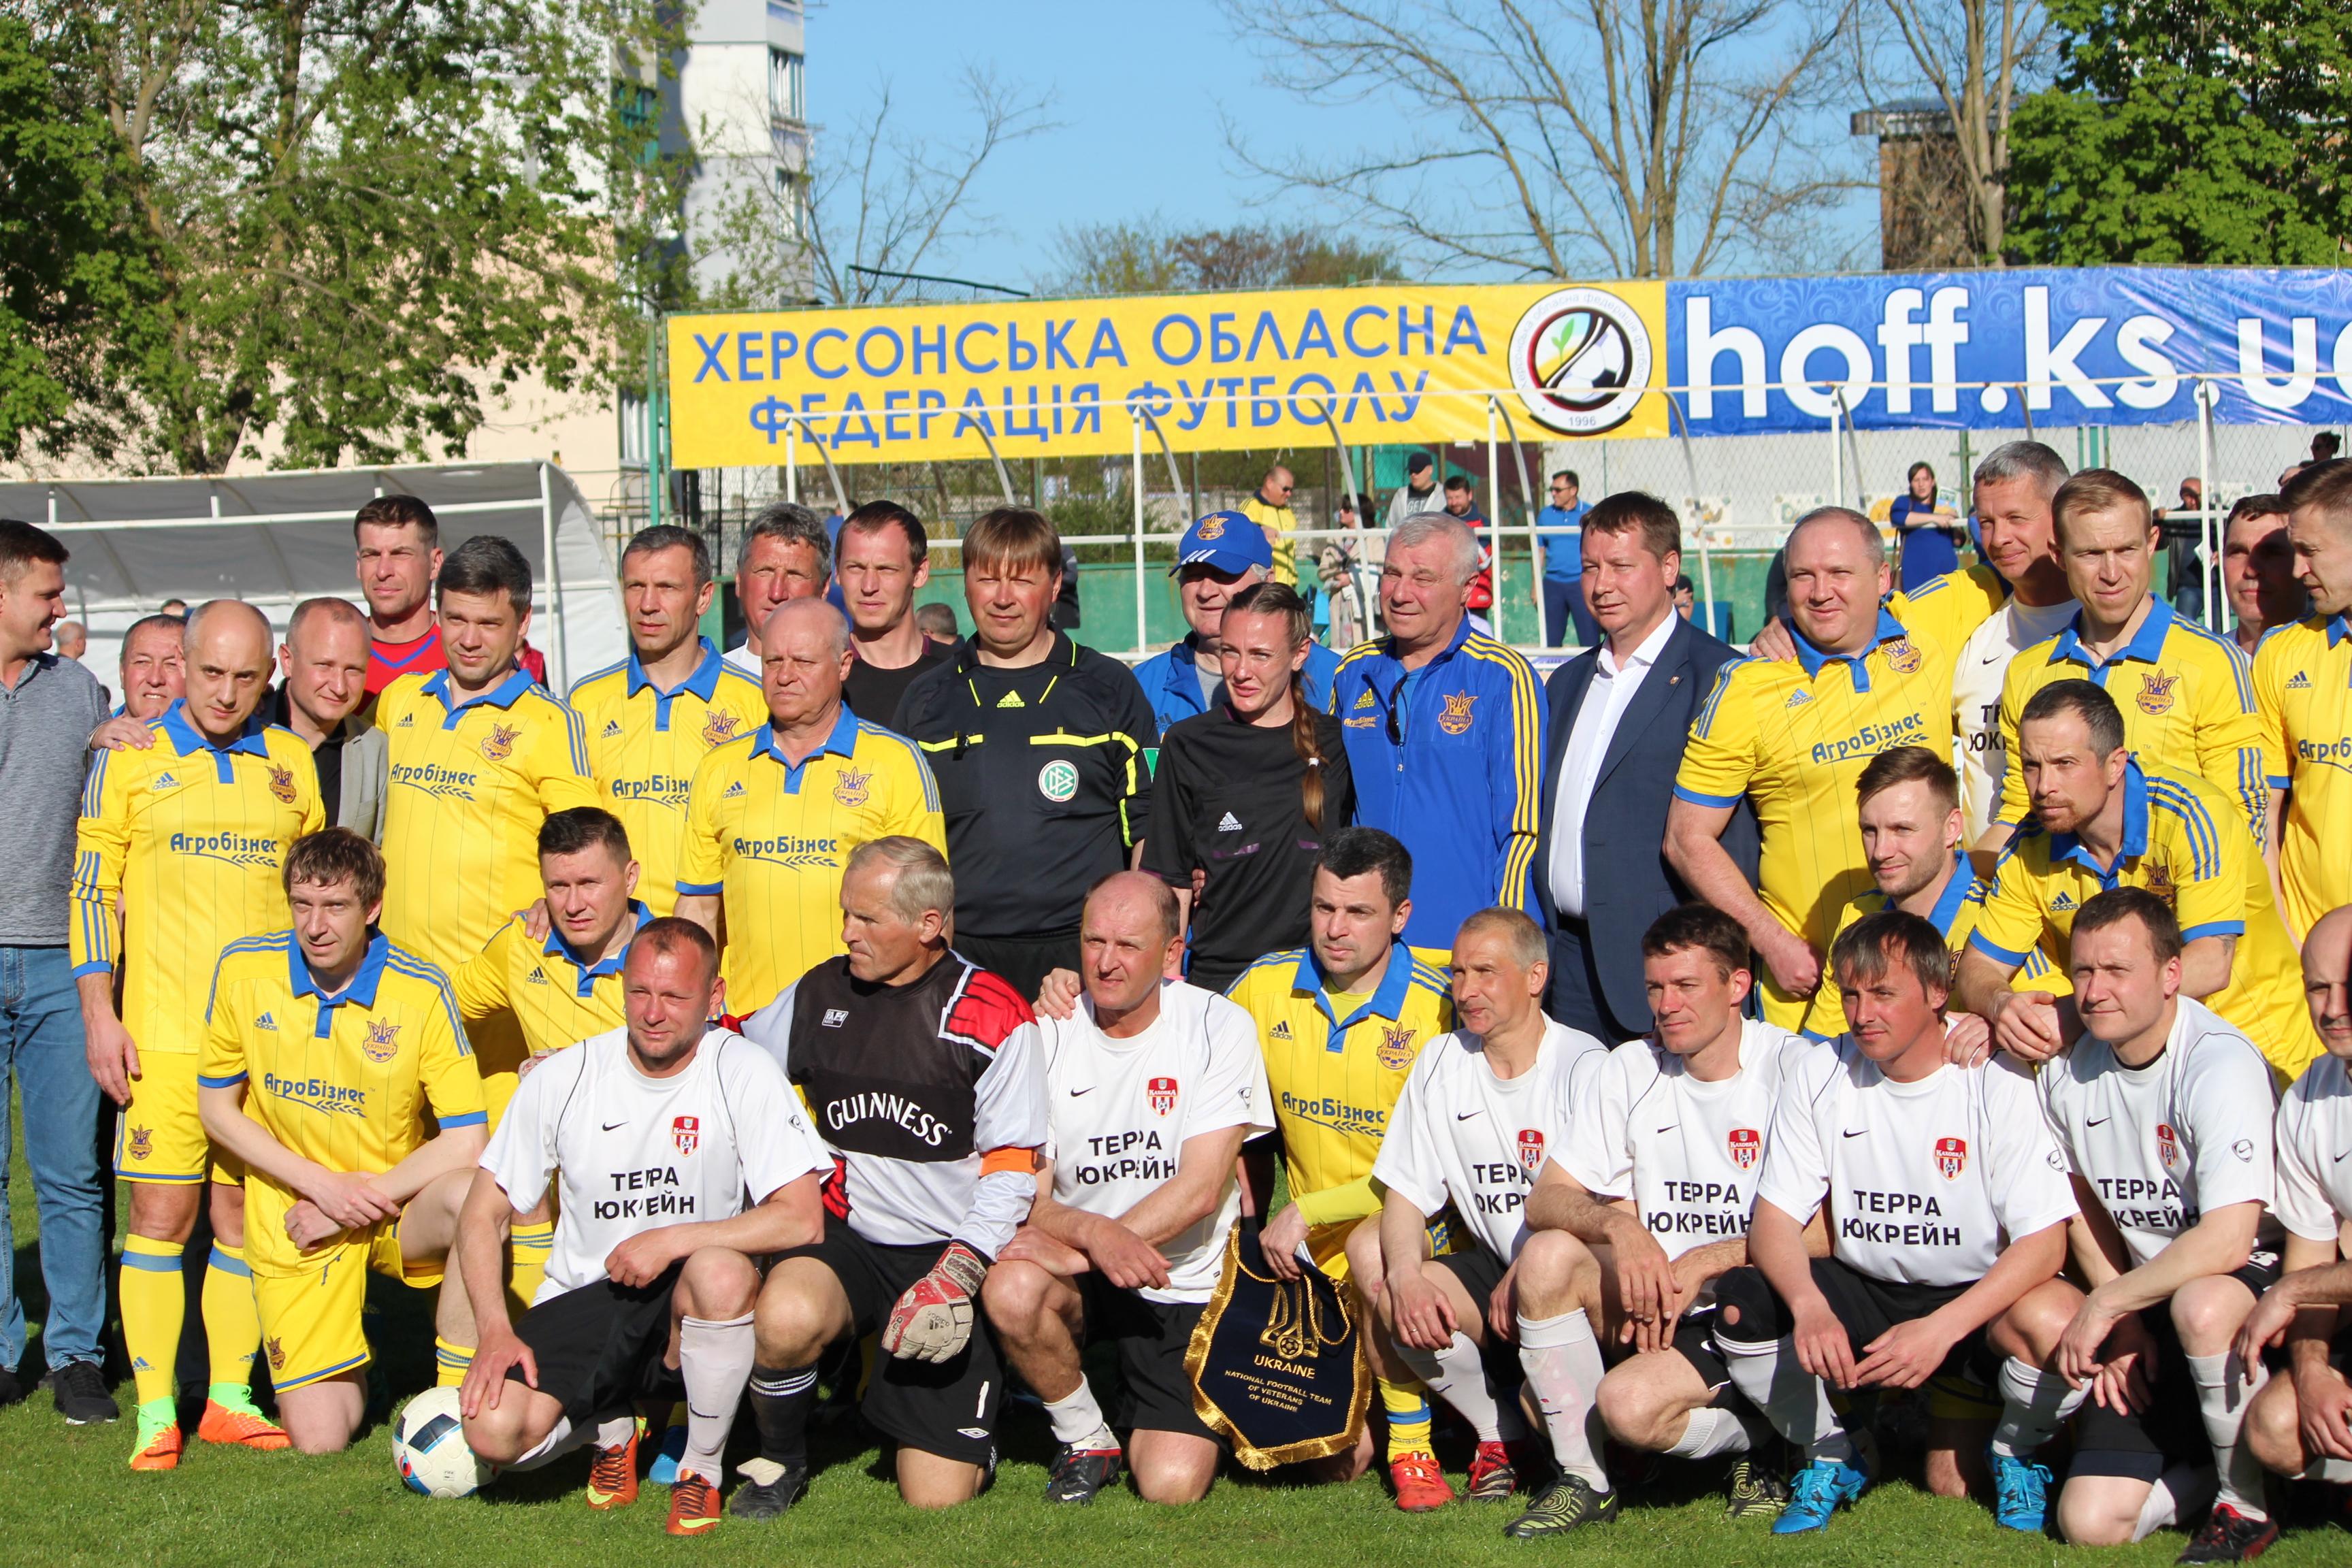 Матч збірної ветеранів України у Каховці